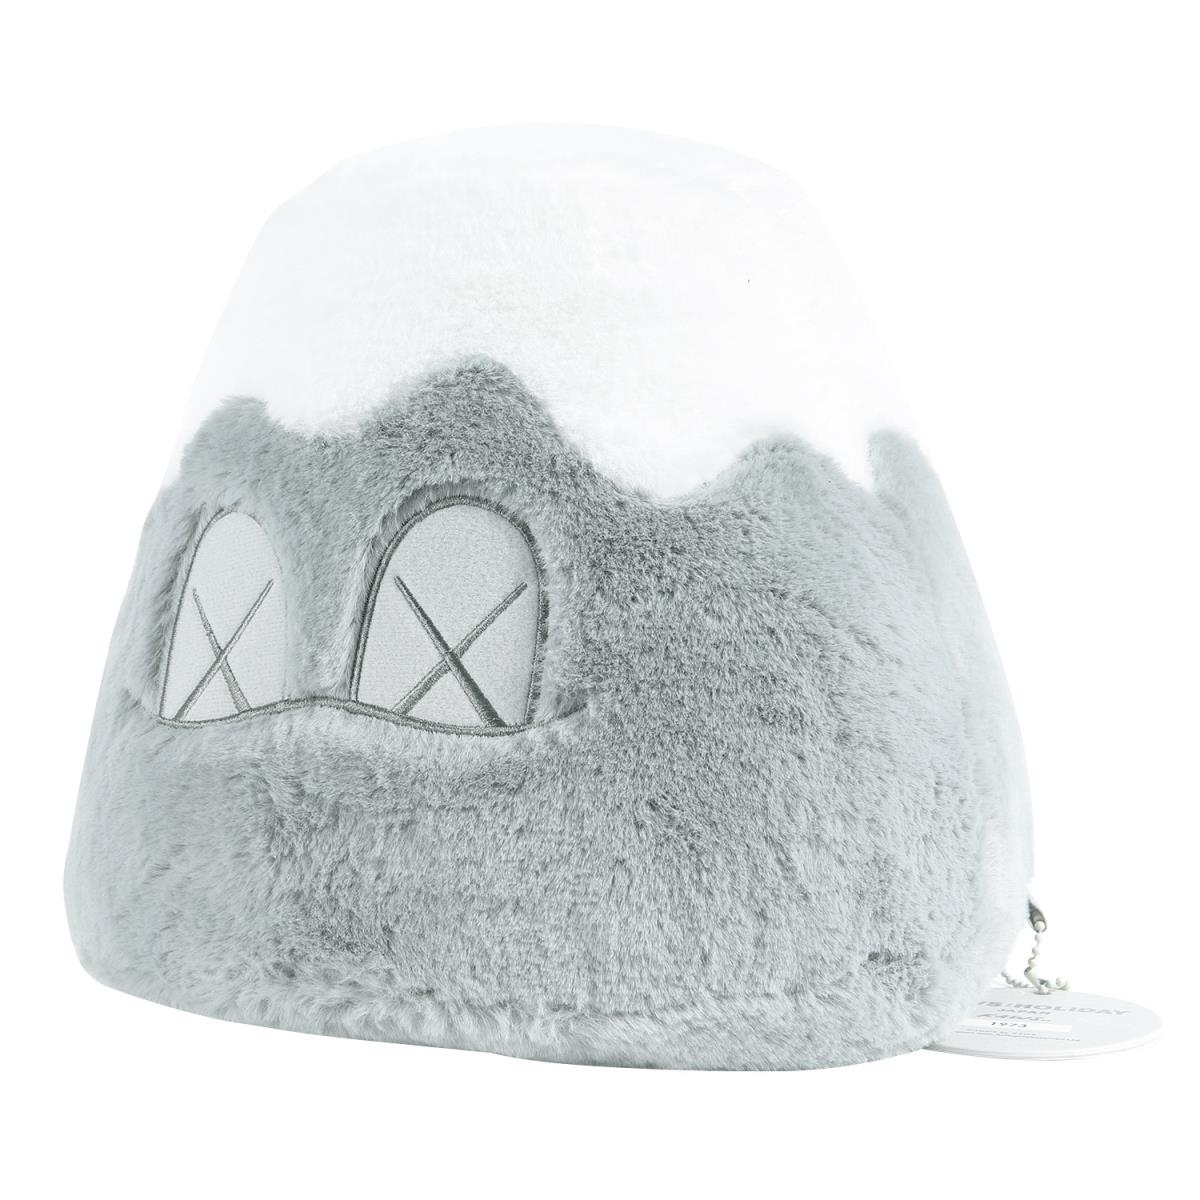 ぬいぐるみ・人形, ぬいぐるみ KAWS () KAWS:HOLIDAY JAPAN (Mount Fuji Plush) K2632